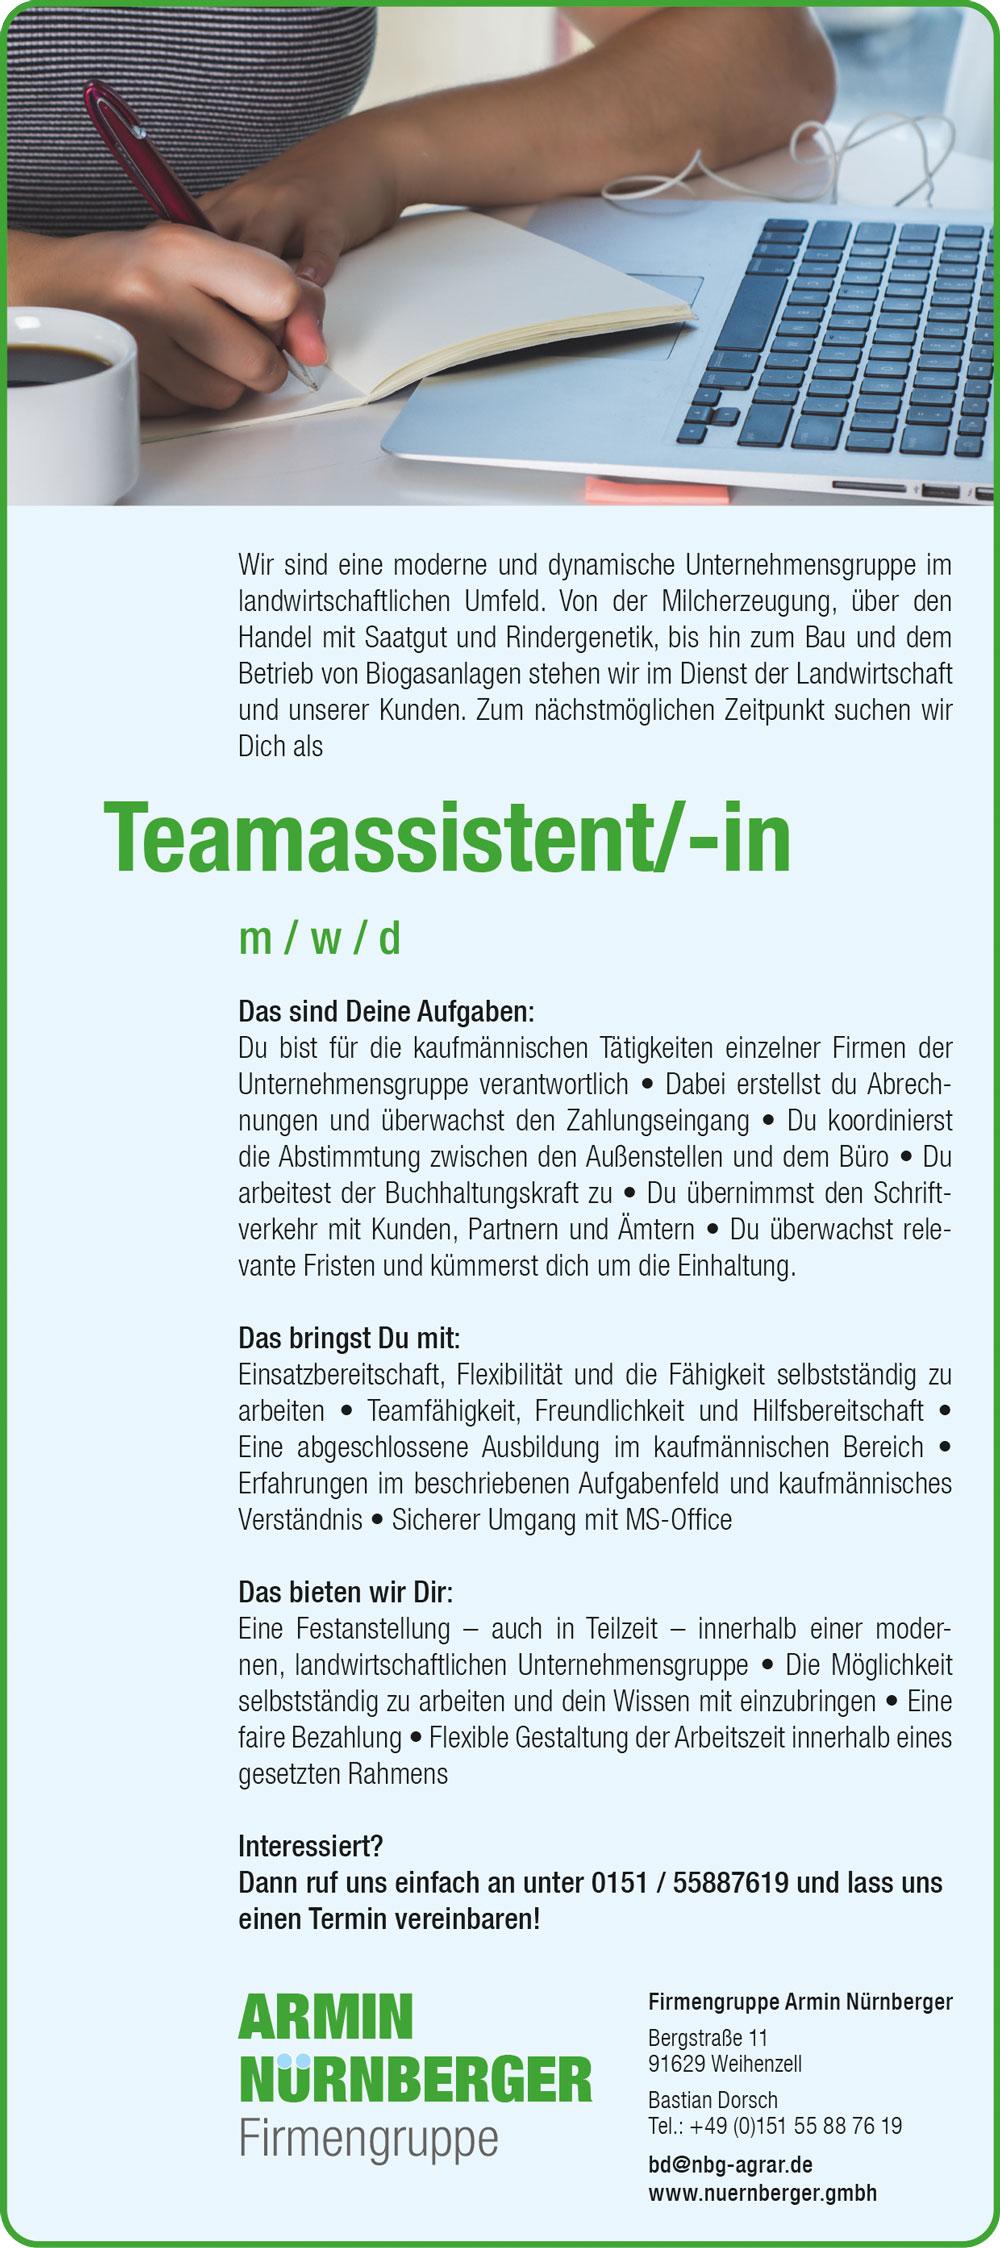 Stellenanzeige Firmengruppe Armin Nürnberger, Teamassistent m/w/d